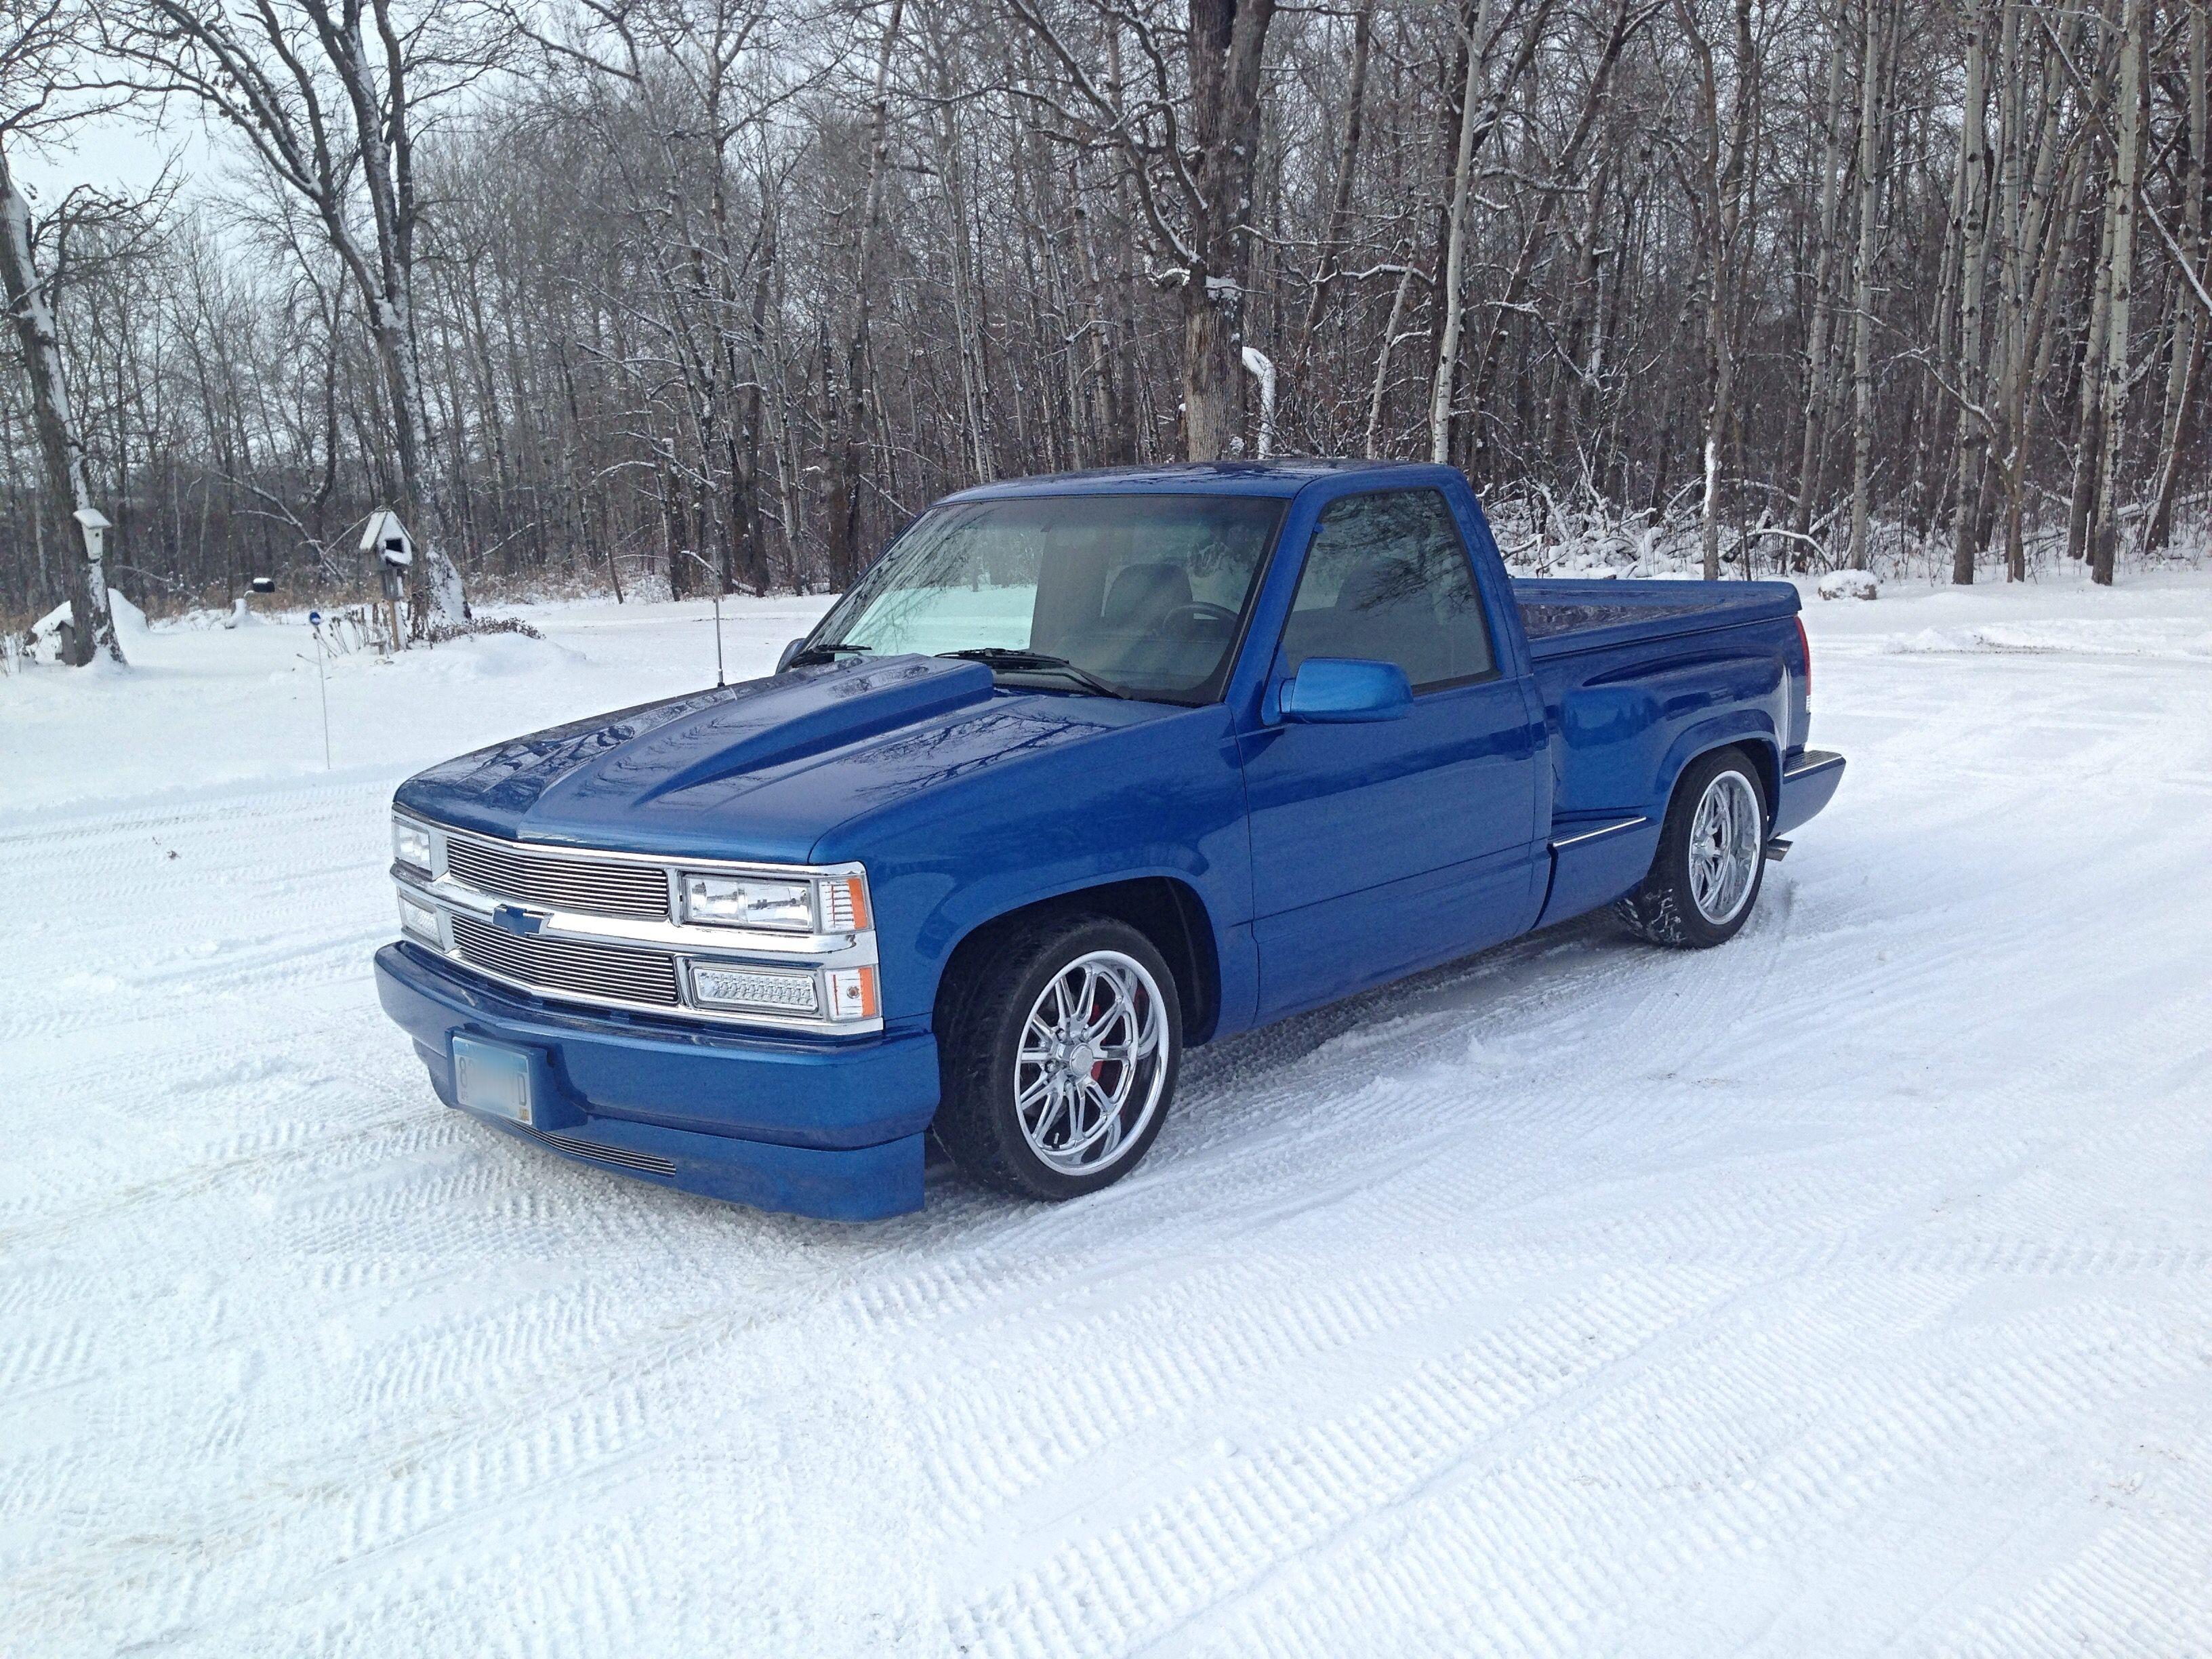 small resolution of 1992 chevrolet stepside chevy stepside chevy silverado 1500 chevy pickups hot rod trucks